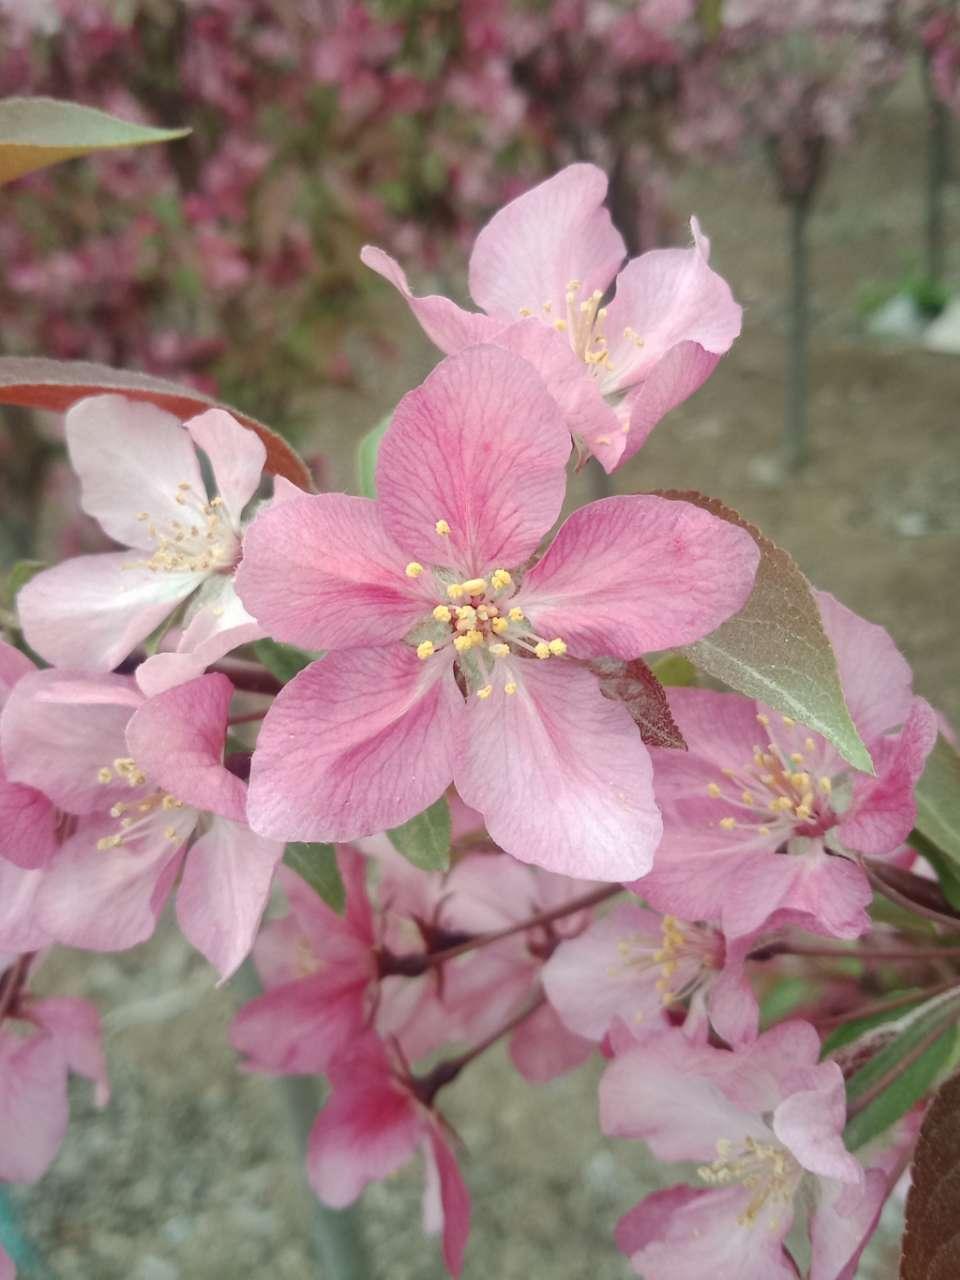 狼毒花,荠菜花,紫荆花,春天处处都好看-14.jpg